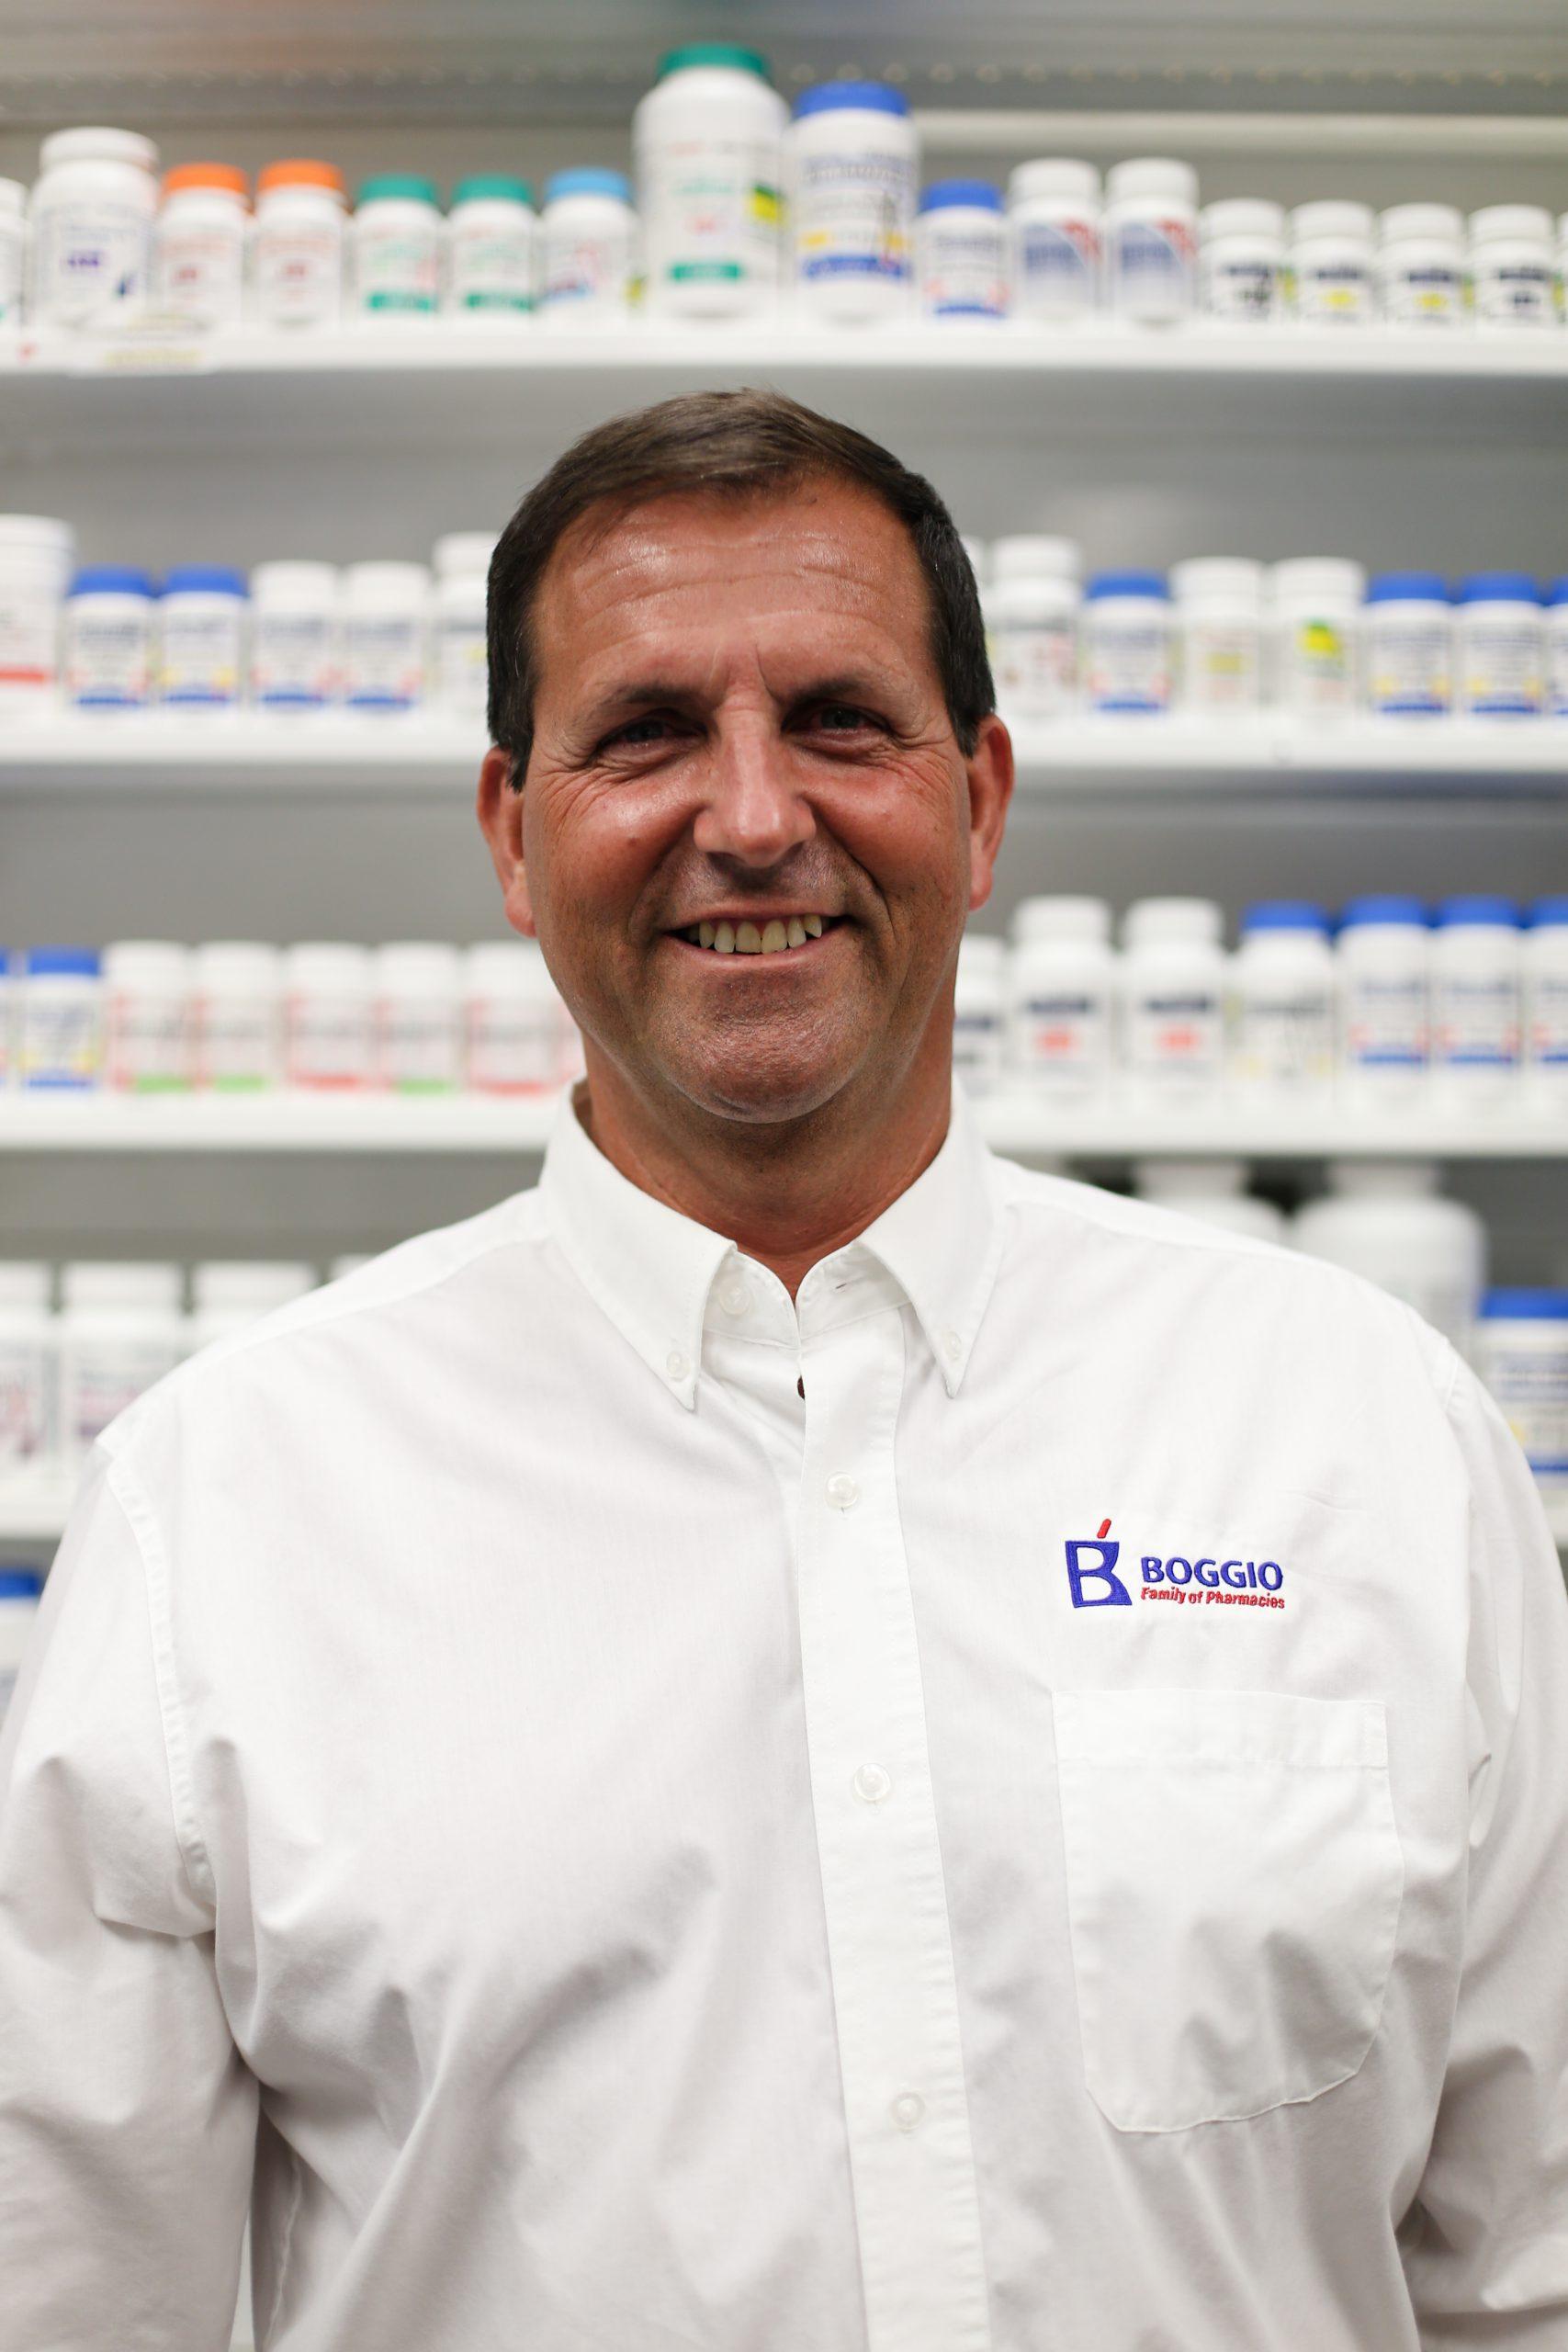 Larry Boggio